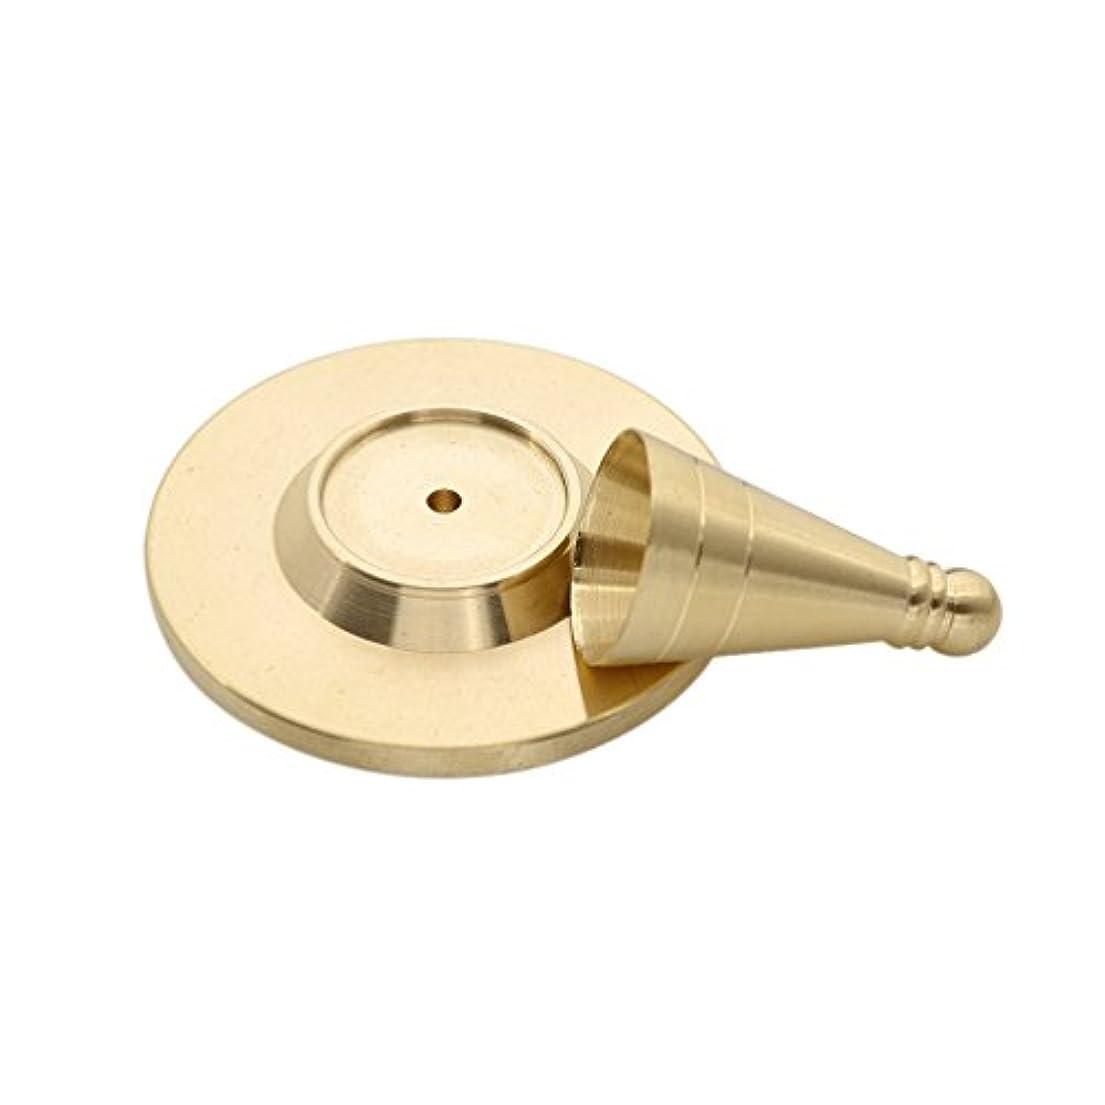 認証くぼみ恒久的(ライチ) Lychee 手作り お香 DIY用 ツール インセンス コーンタイプ 円錐 モールド 自家製 高さ3.5cm